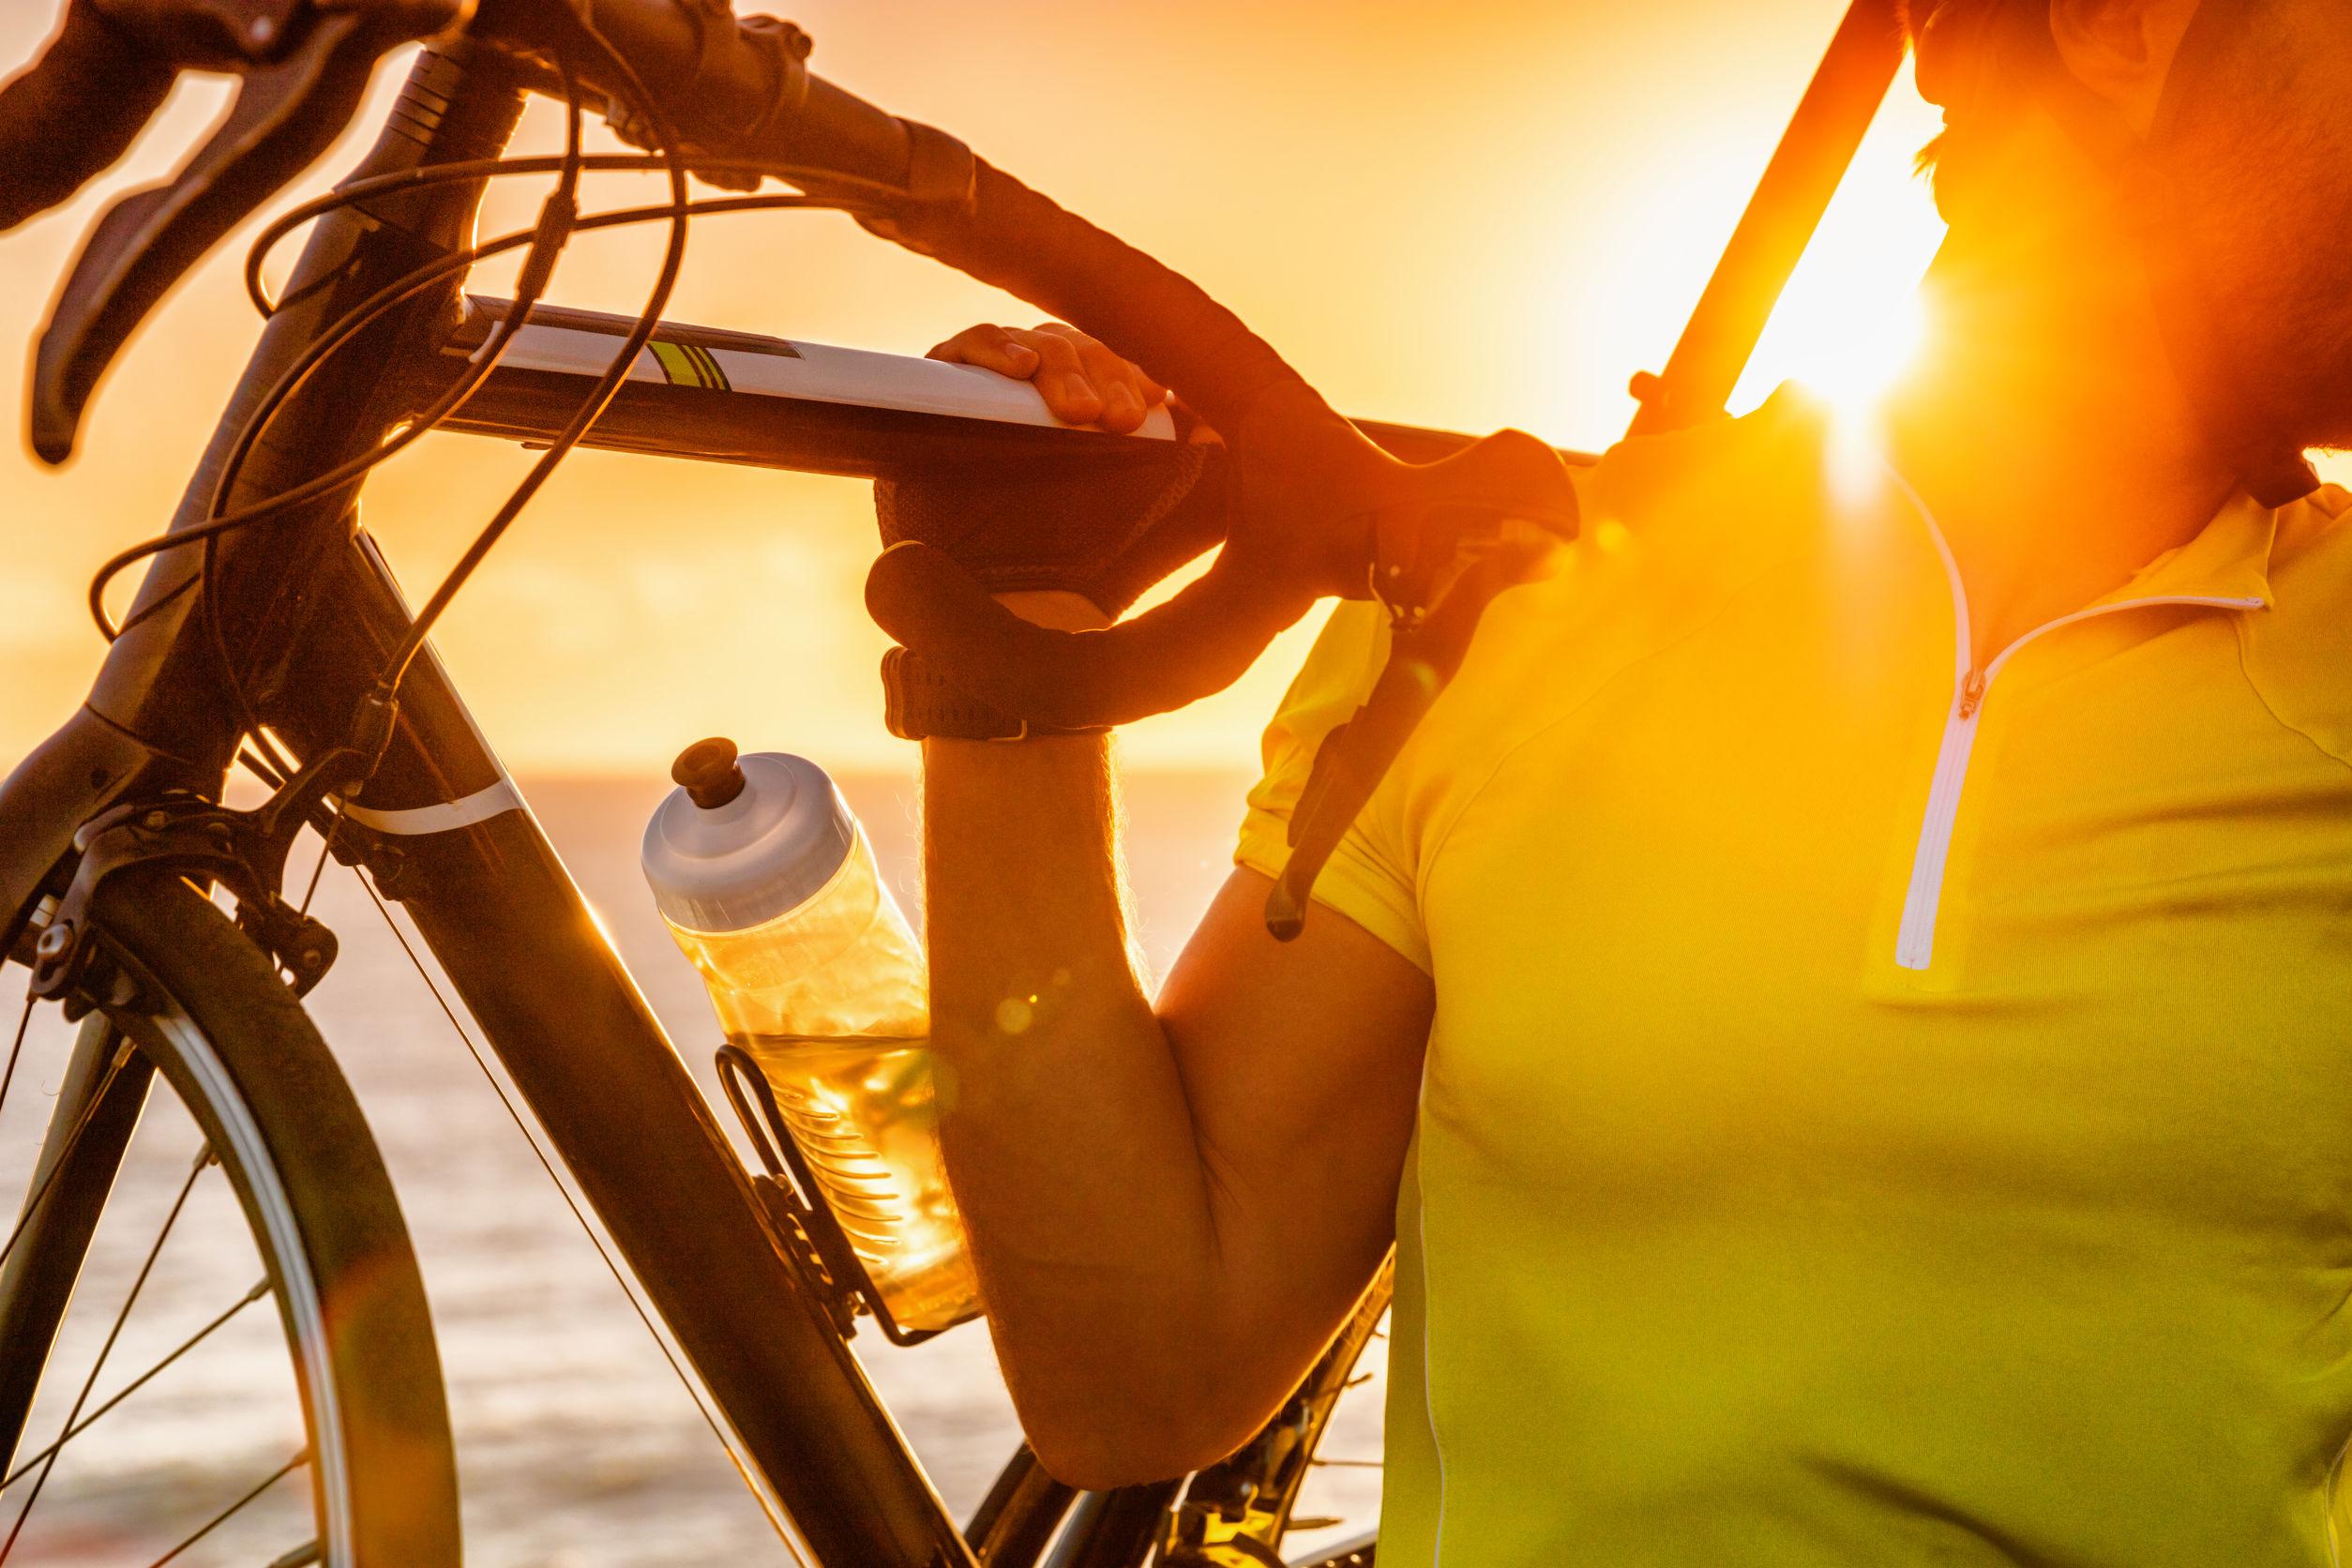 Fahrrad-Flaschenhalter